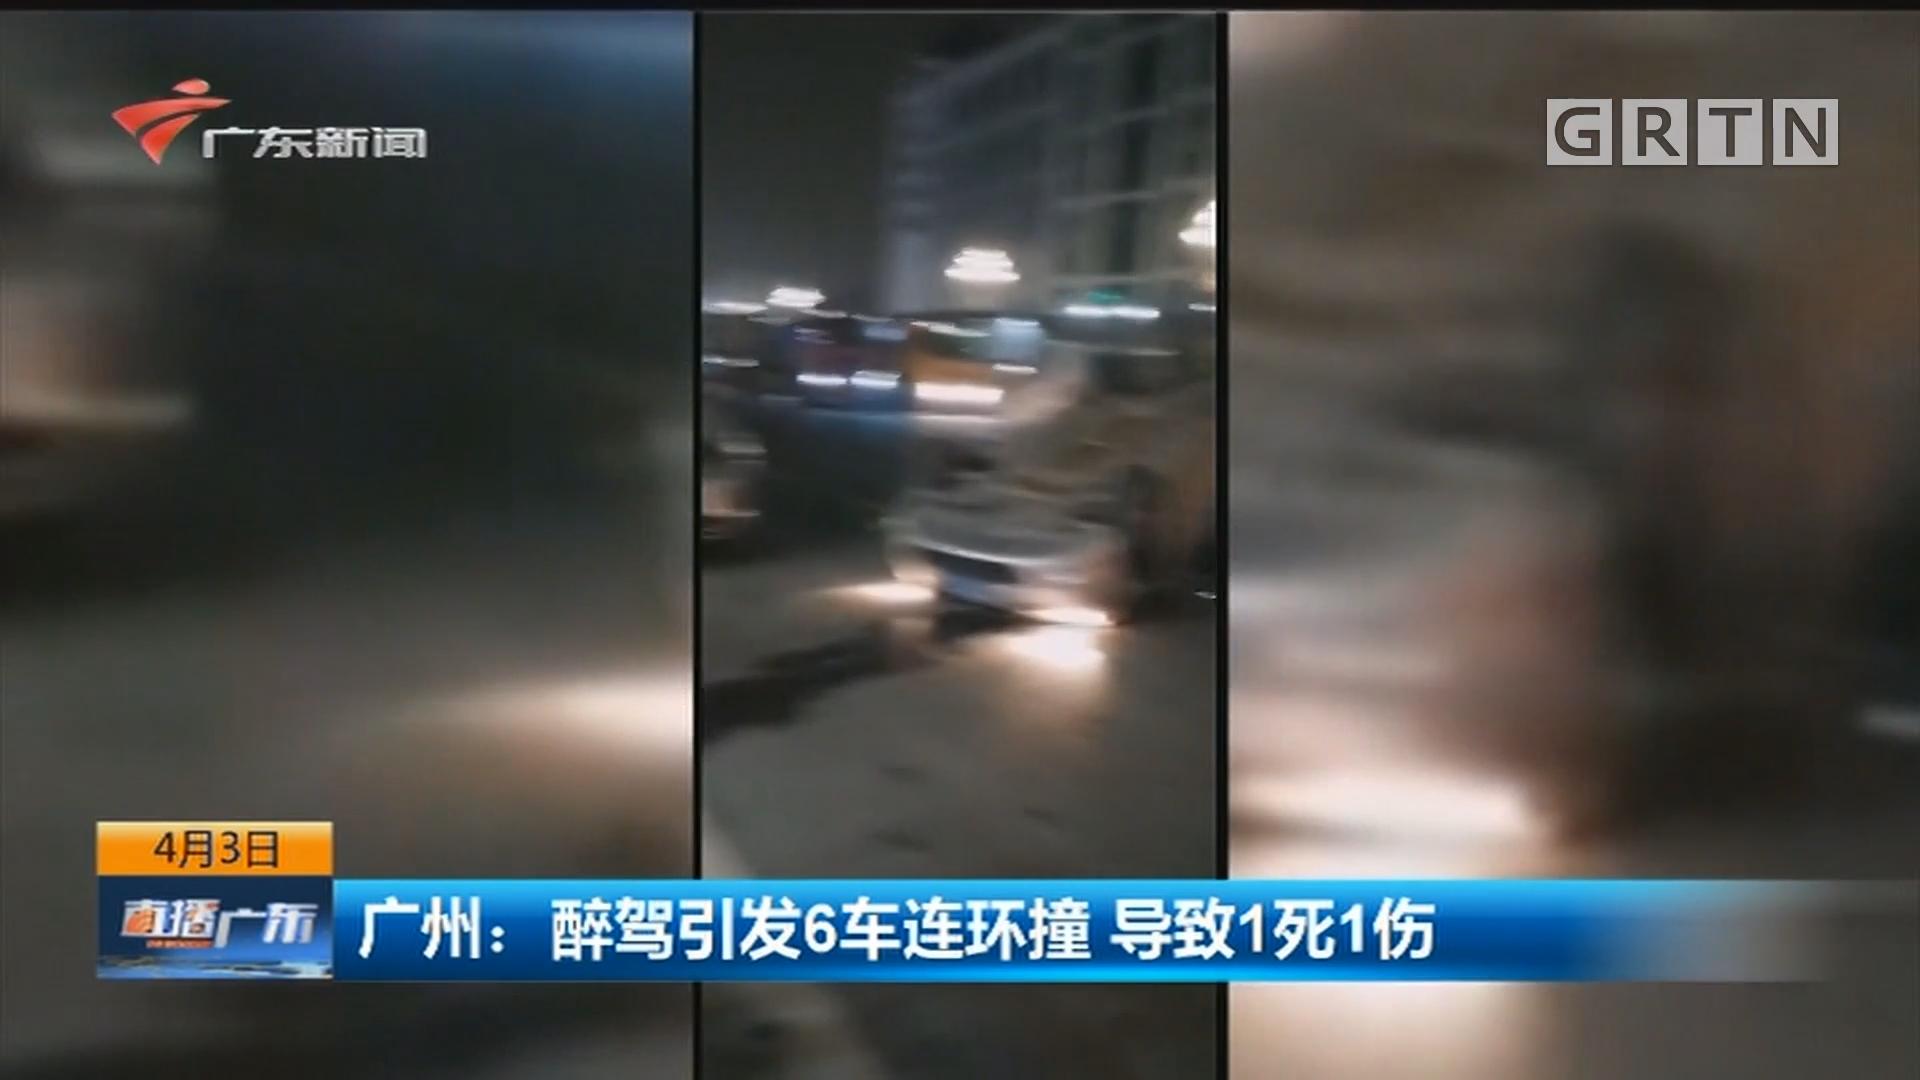 广州:醉驾引发6车连环撞 导致1死1伤